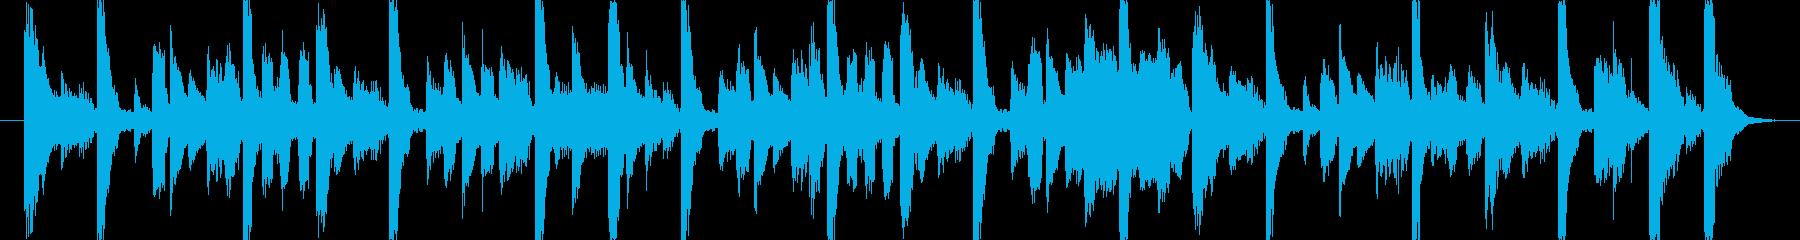 ポップな雰囲気のジングル・BGMの再生済みの波形